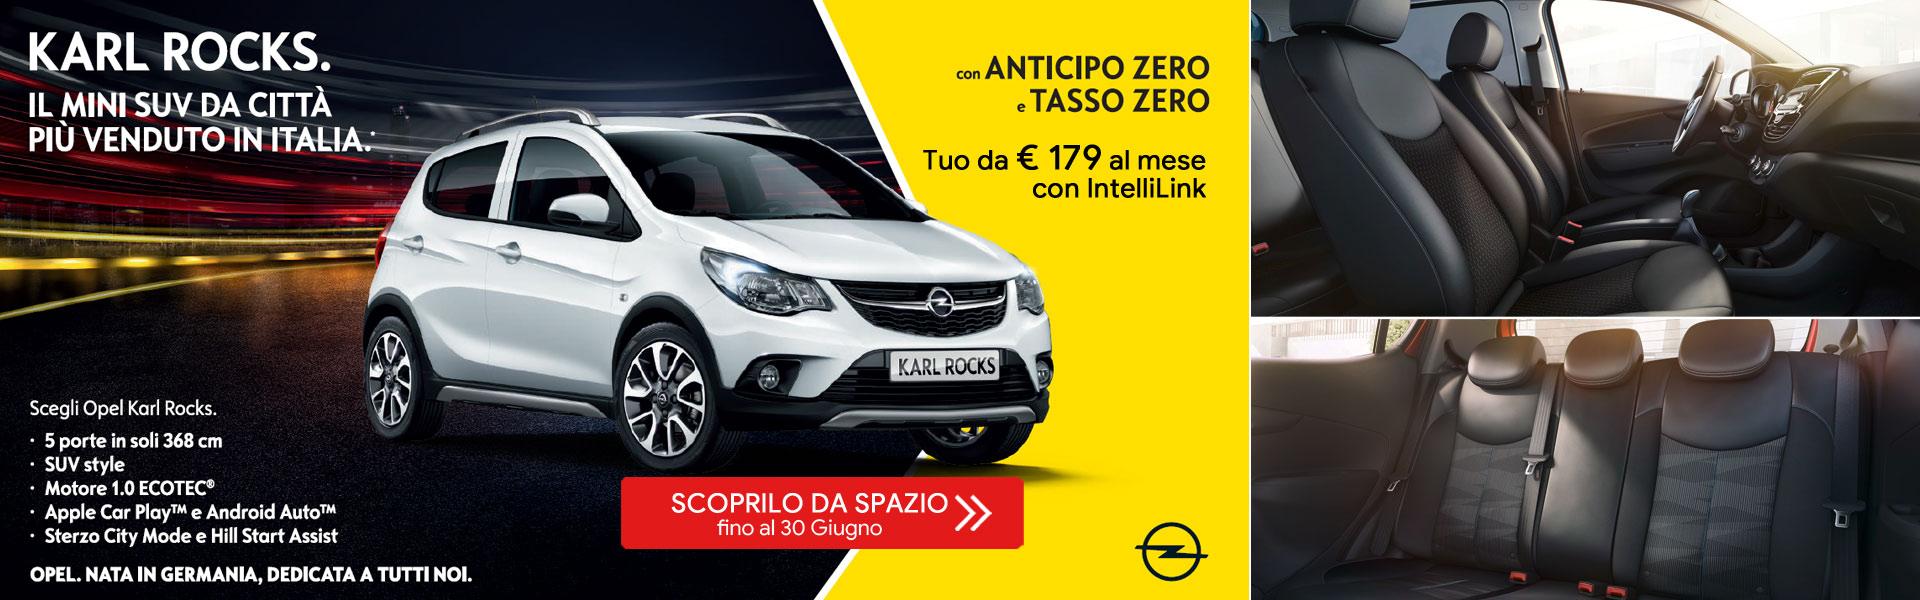 2e967614f0 Concessionaria Opel a Torino. Spazio Group